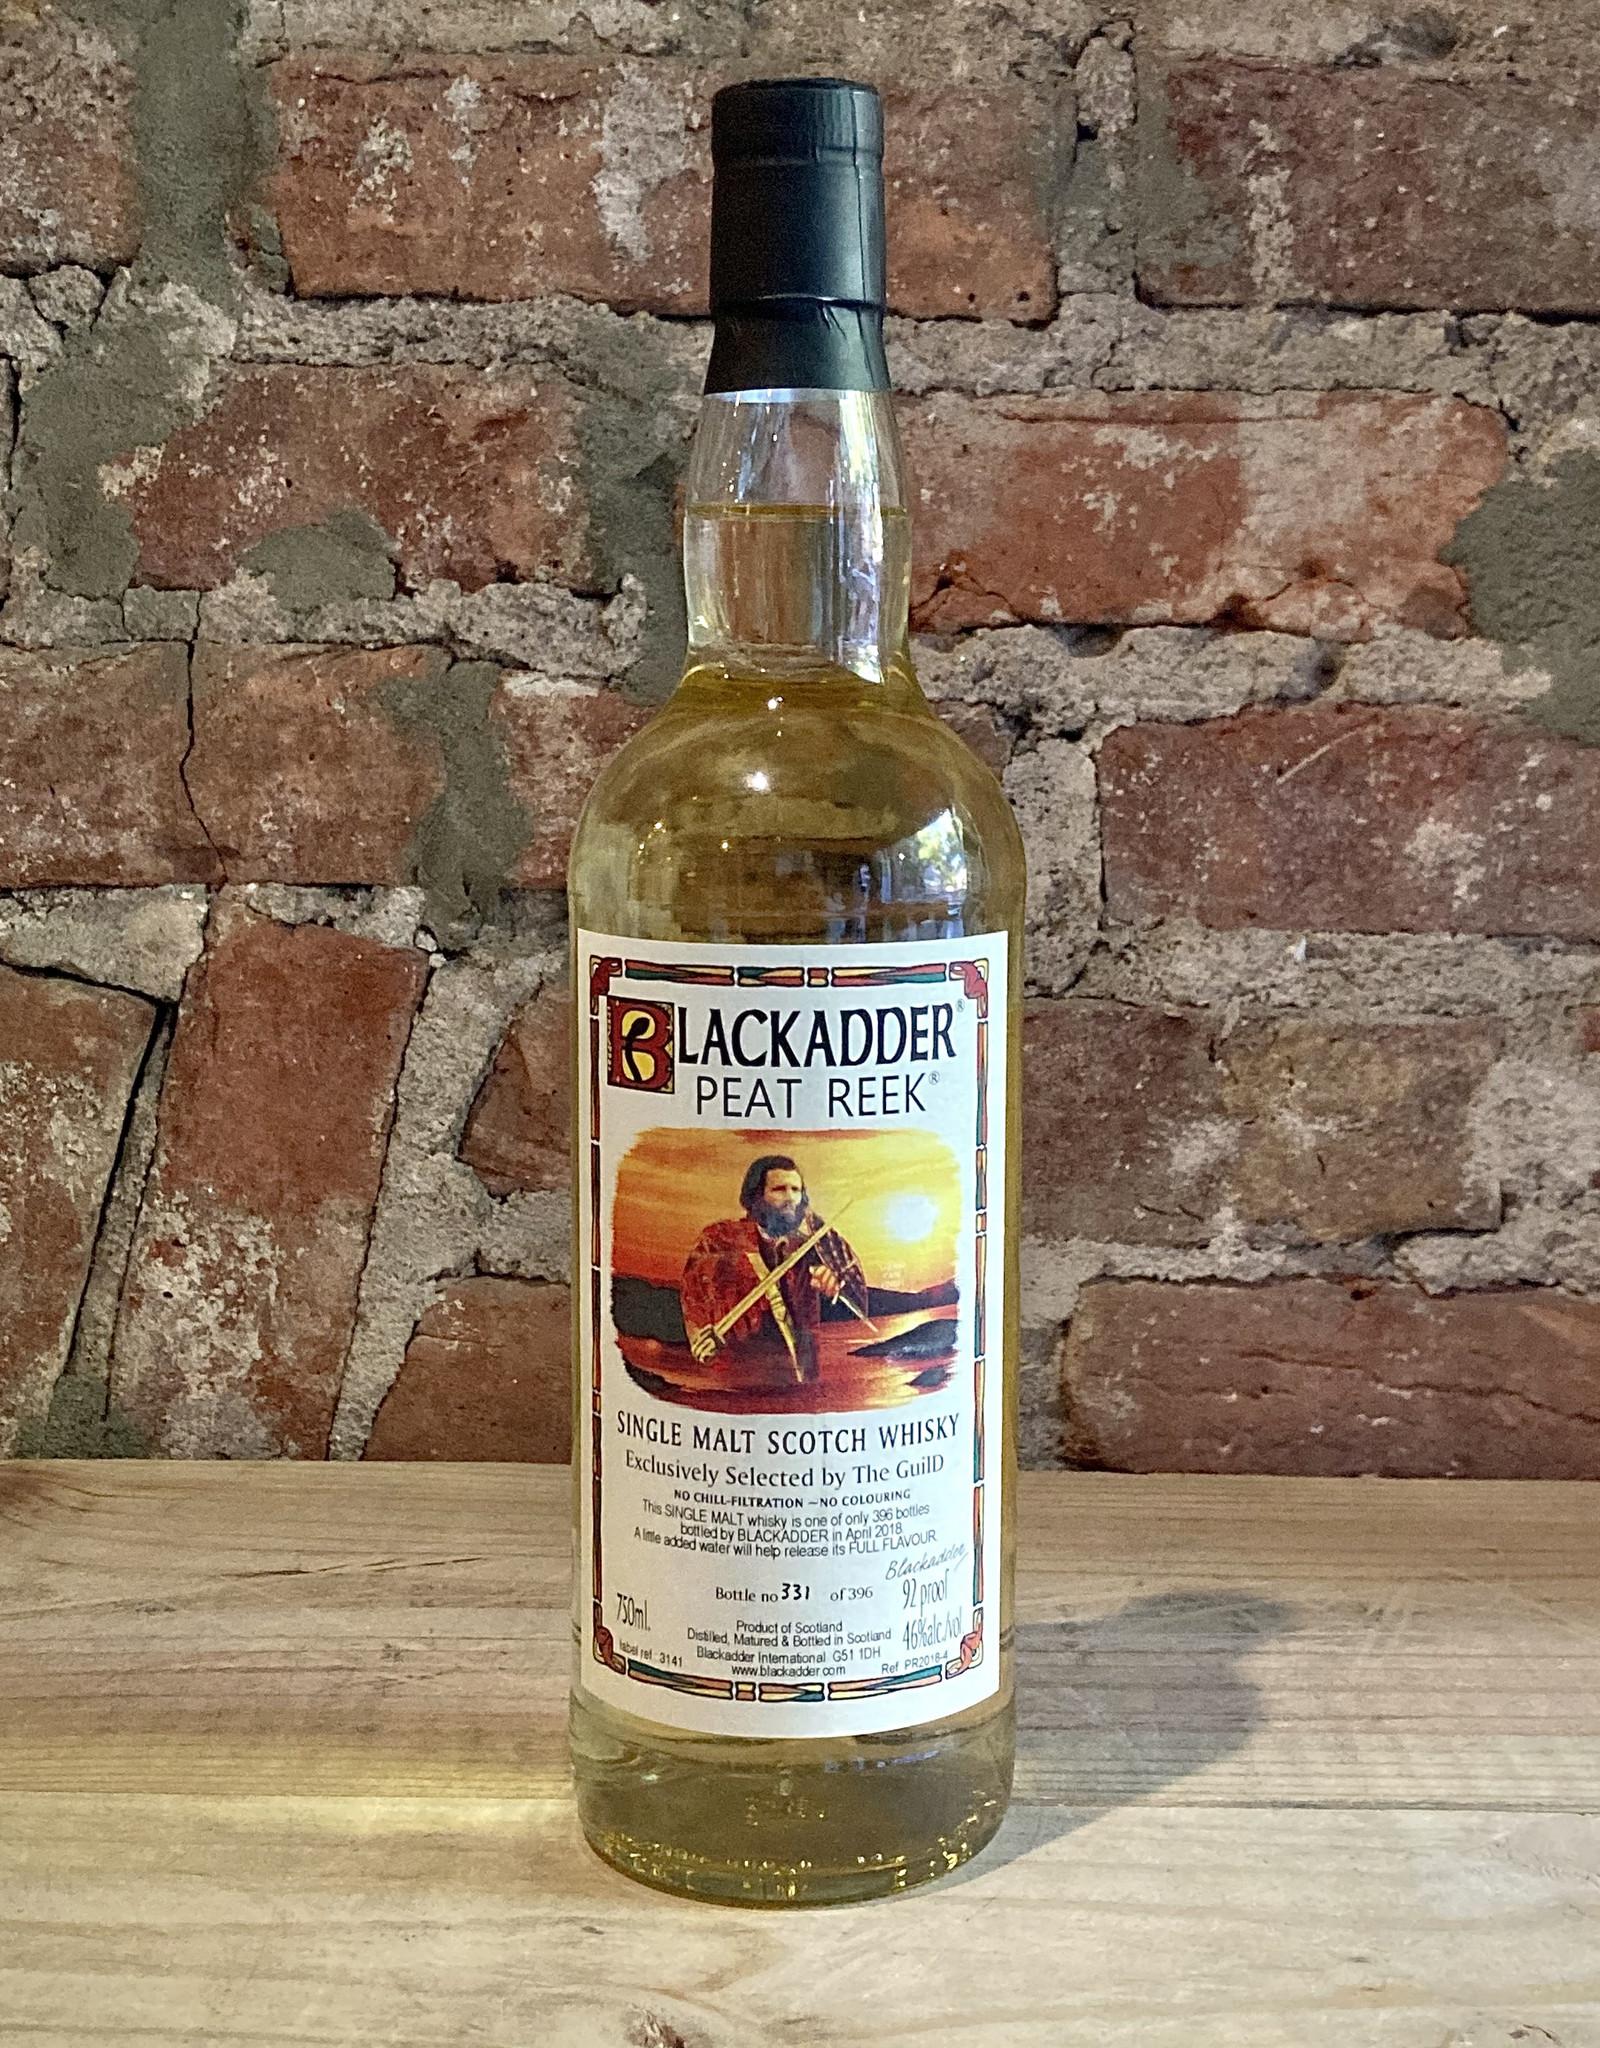 Single Malt Scotch Whiskey, Peat Reek 46%, Blackadder